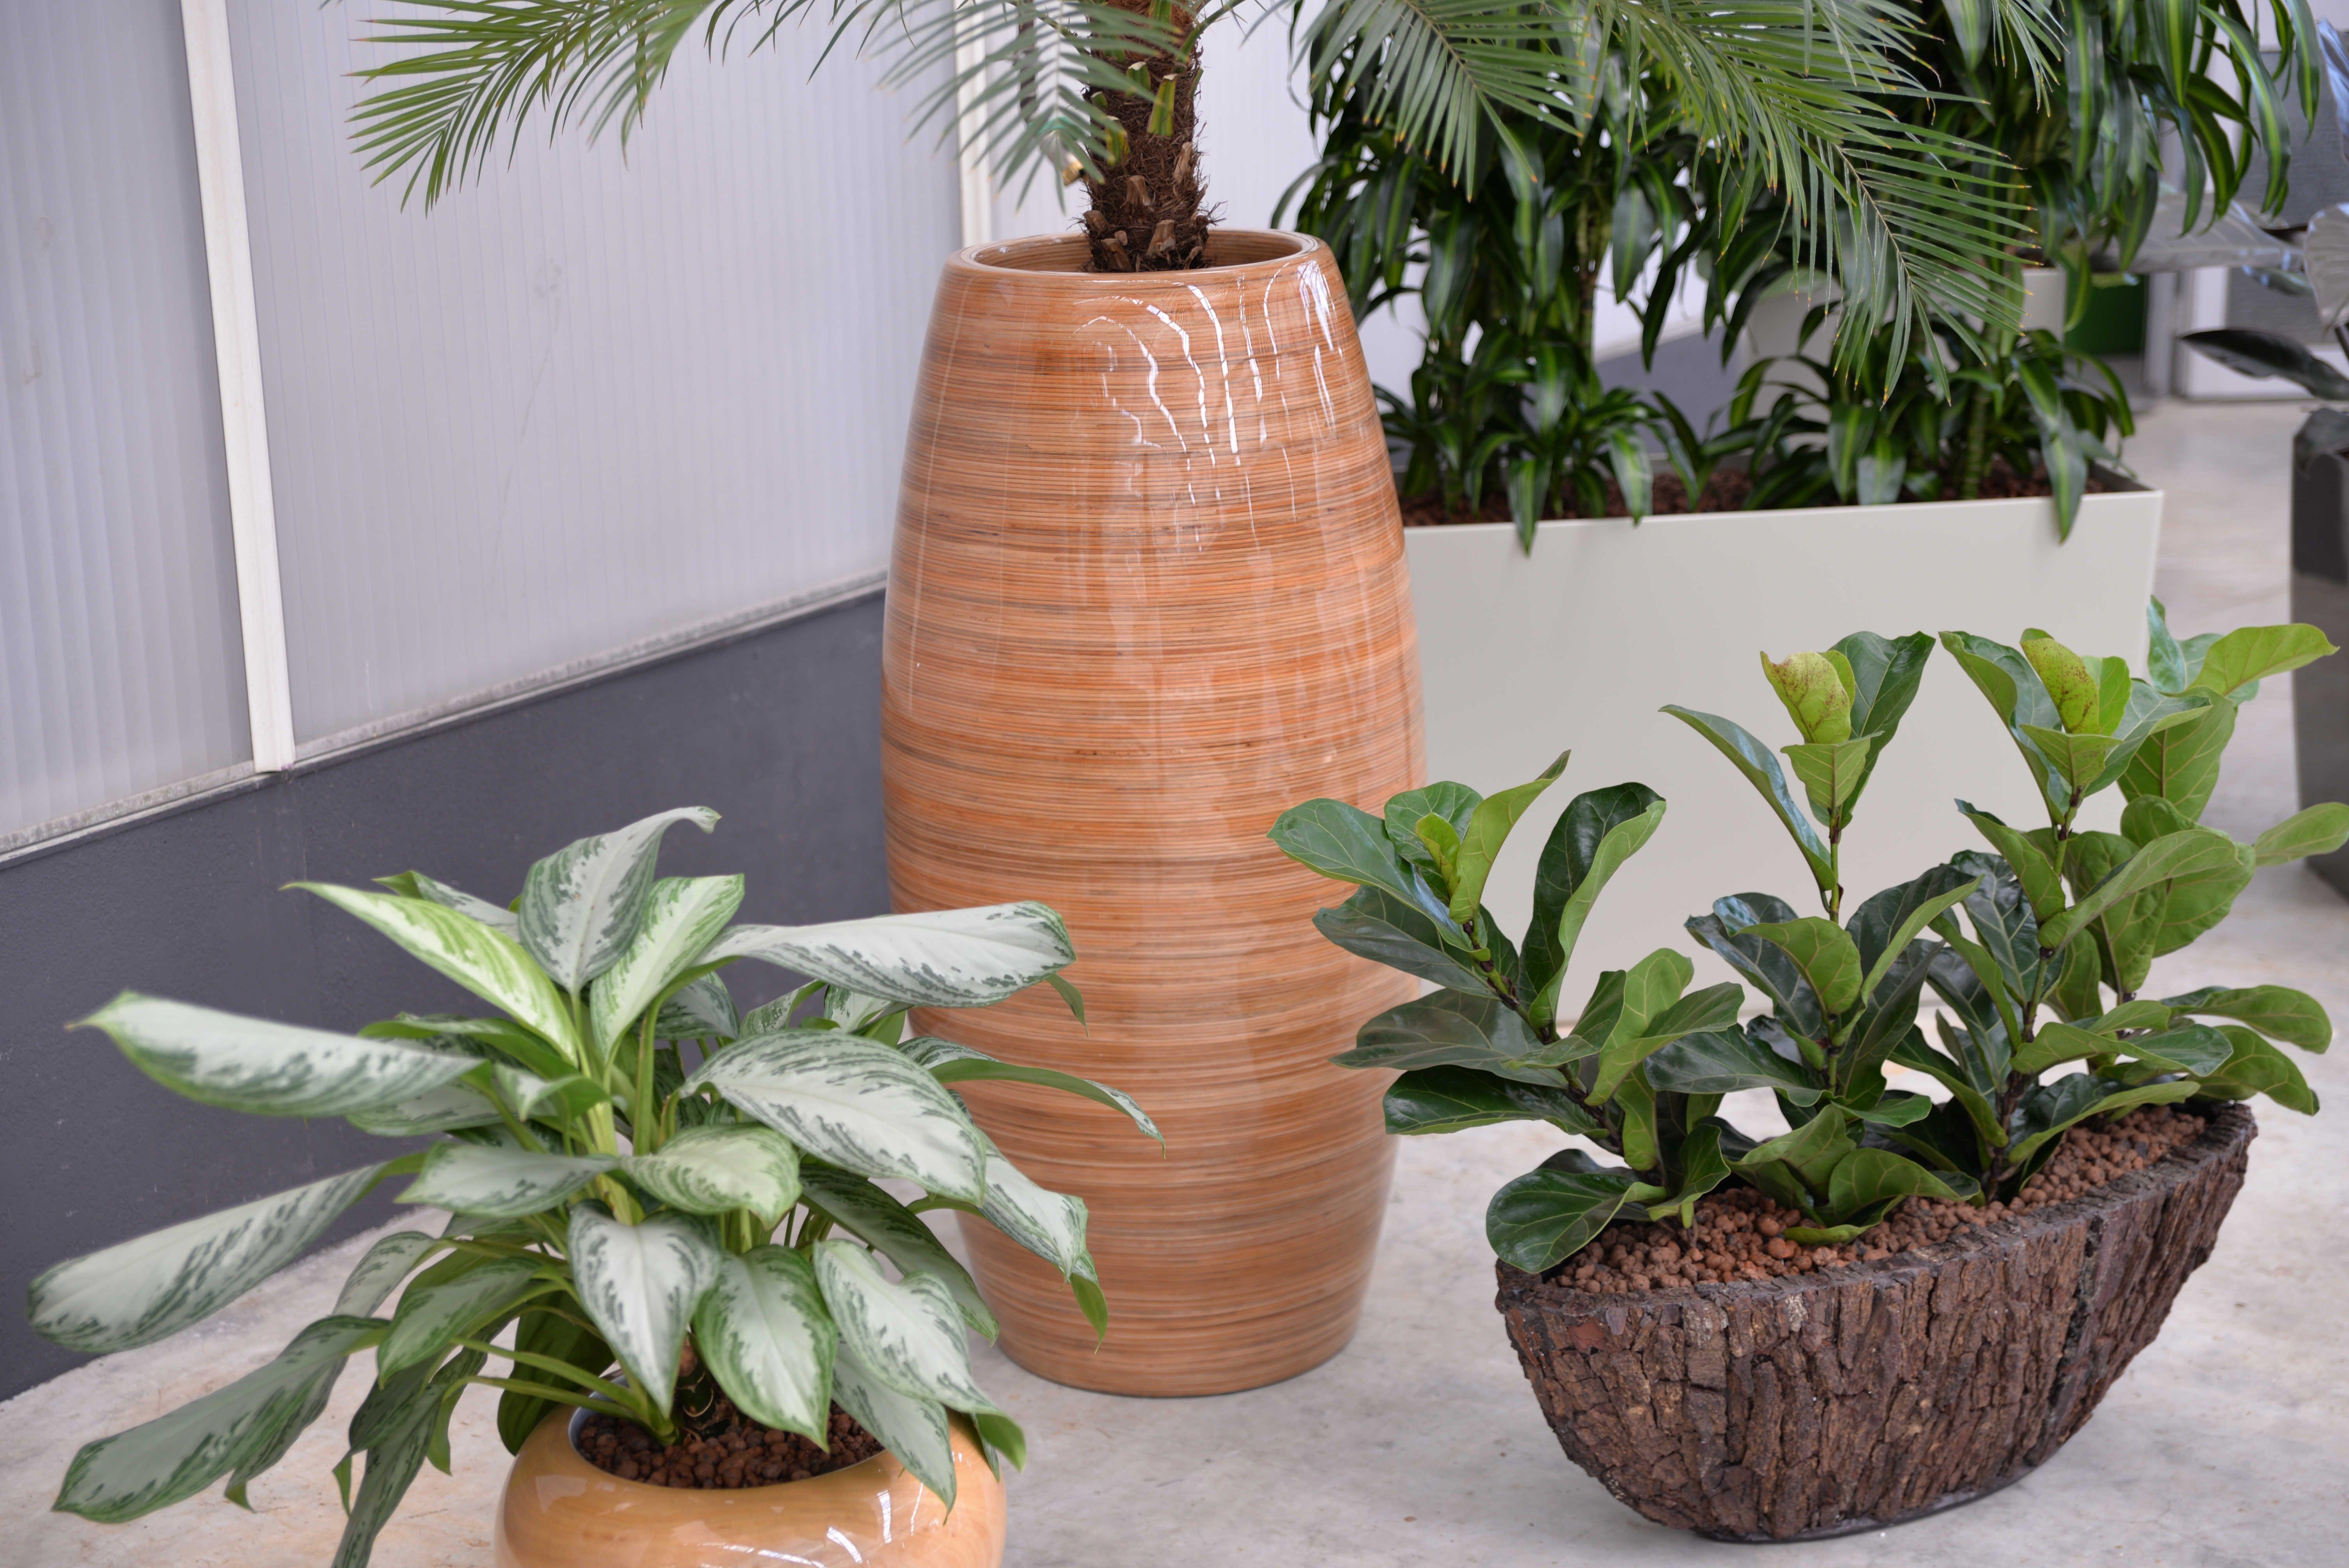 Raumbegrunung Pflanzenpflege Interior Design Interior Landscaping Innenraumbegrunung Buropflanze Zimmerpflanze Innenarchitektur Pflanzen Buropflanzen